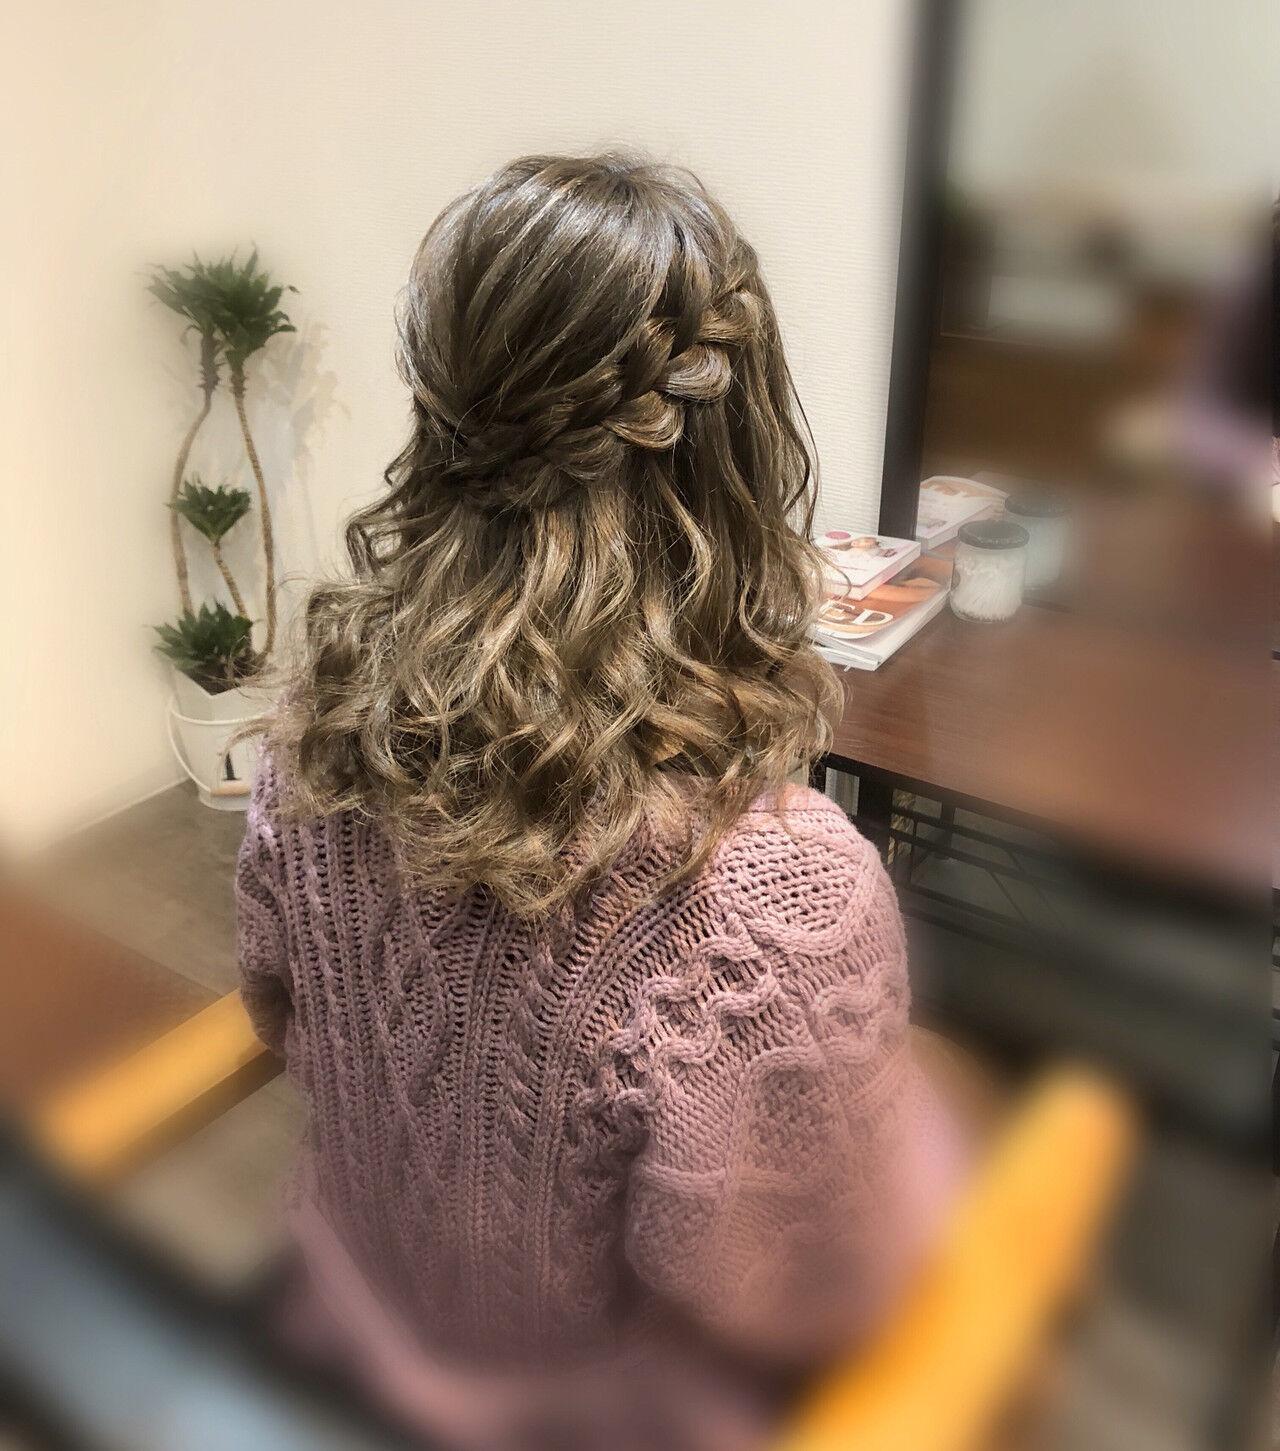 セミロング ヘアセット ヘアアレンジ 編み込みヘアヘアスタイルや髪型の写真・画像